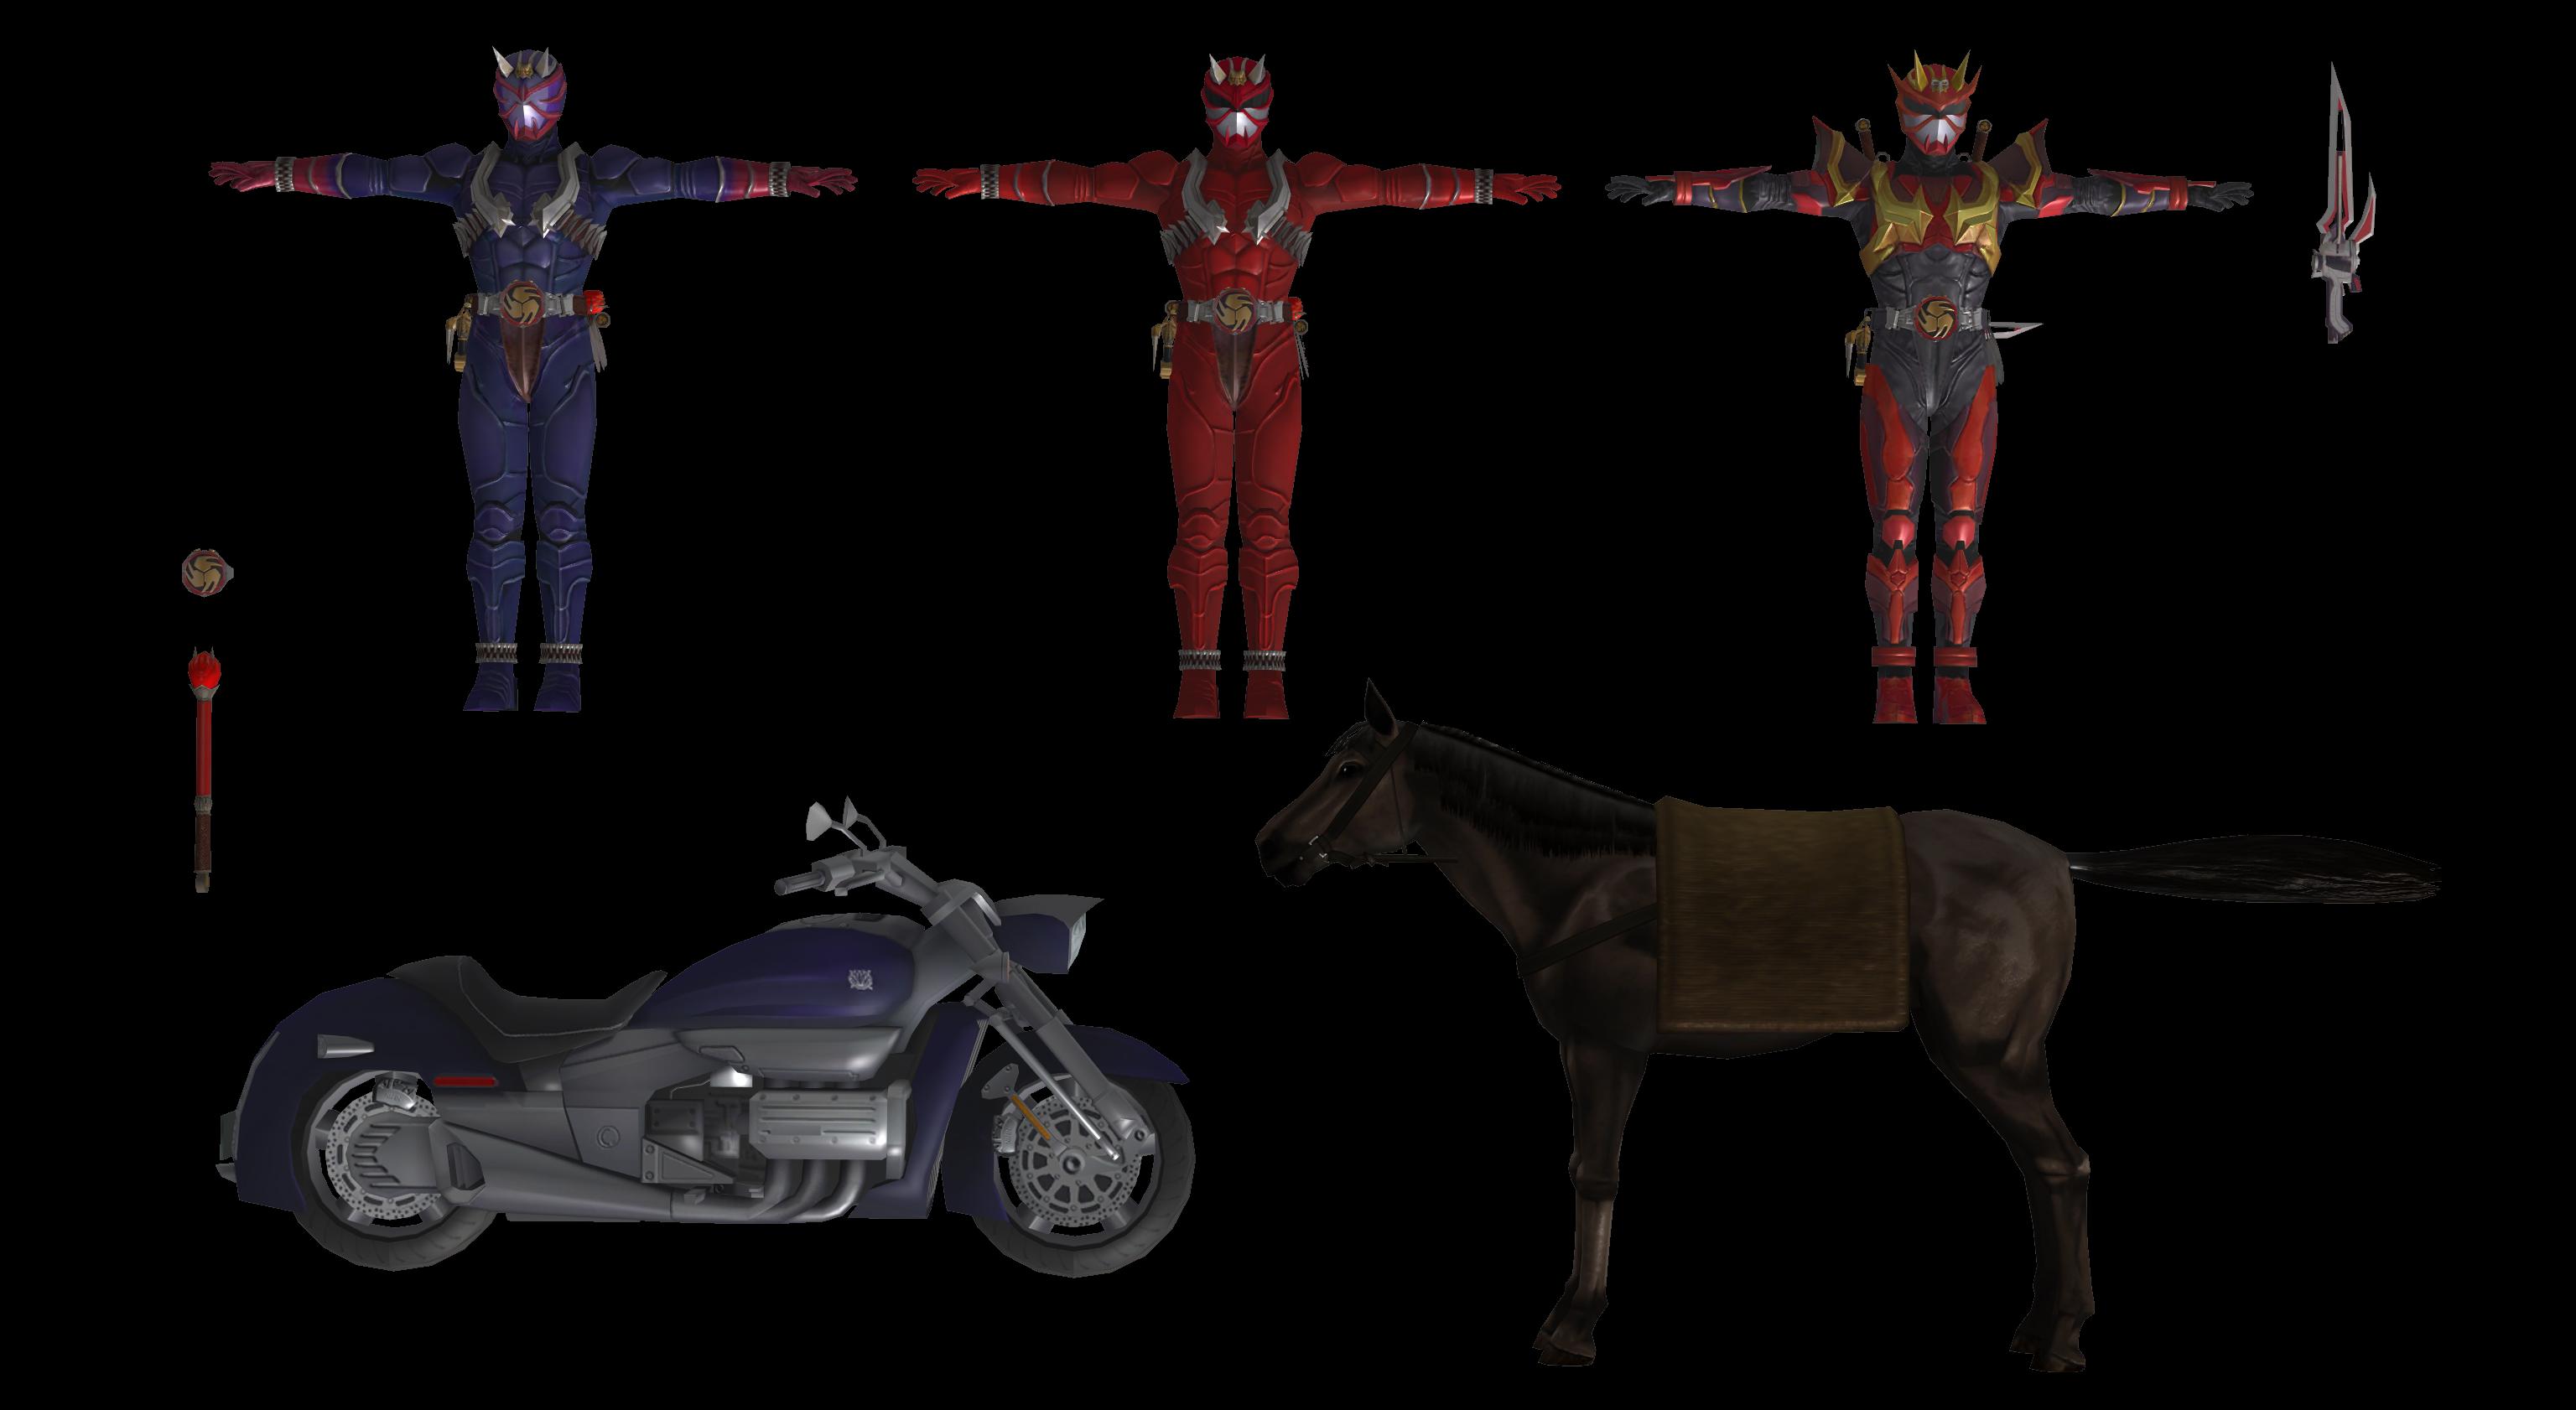 Battride War Genesis Kamen Rider Hibiki By Kaiserraiser On Deviantart